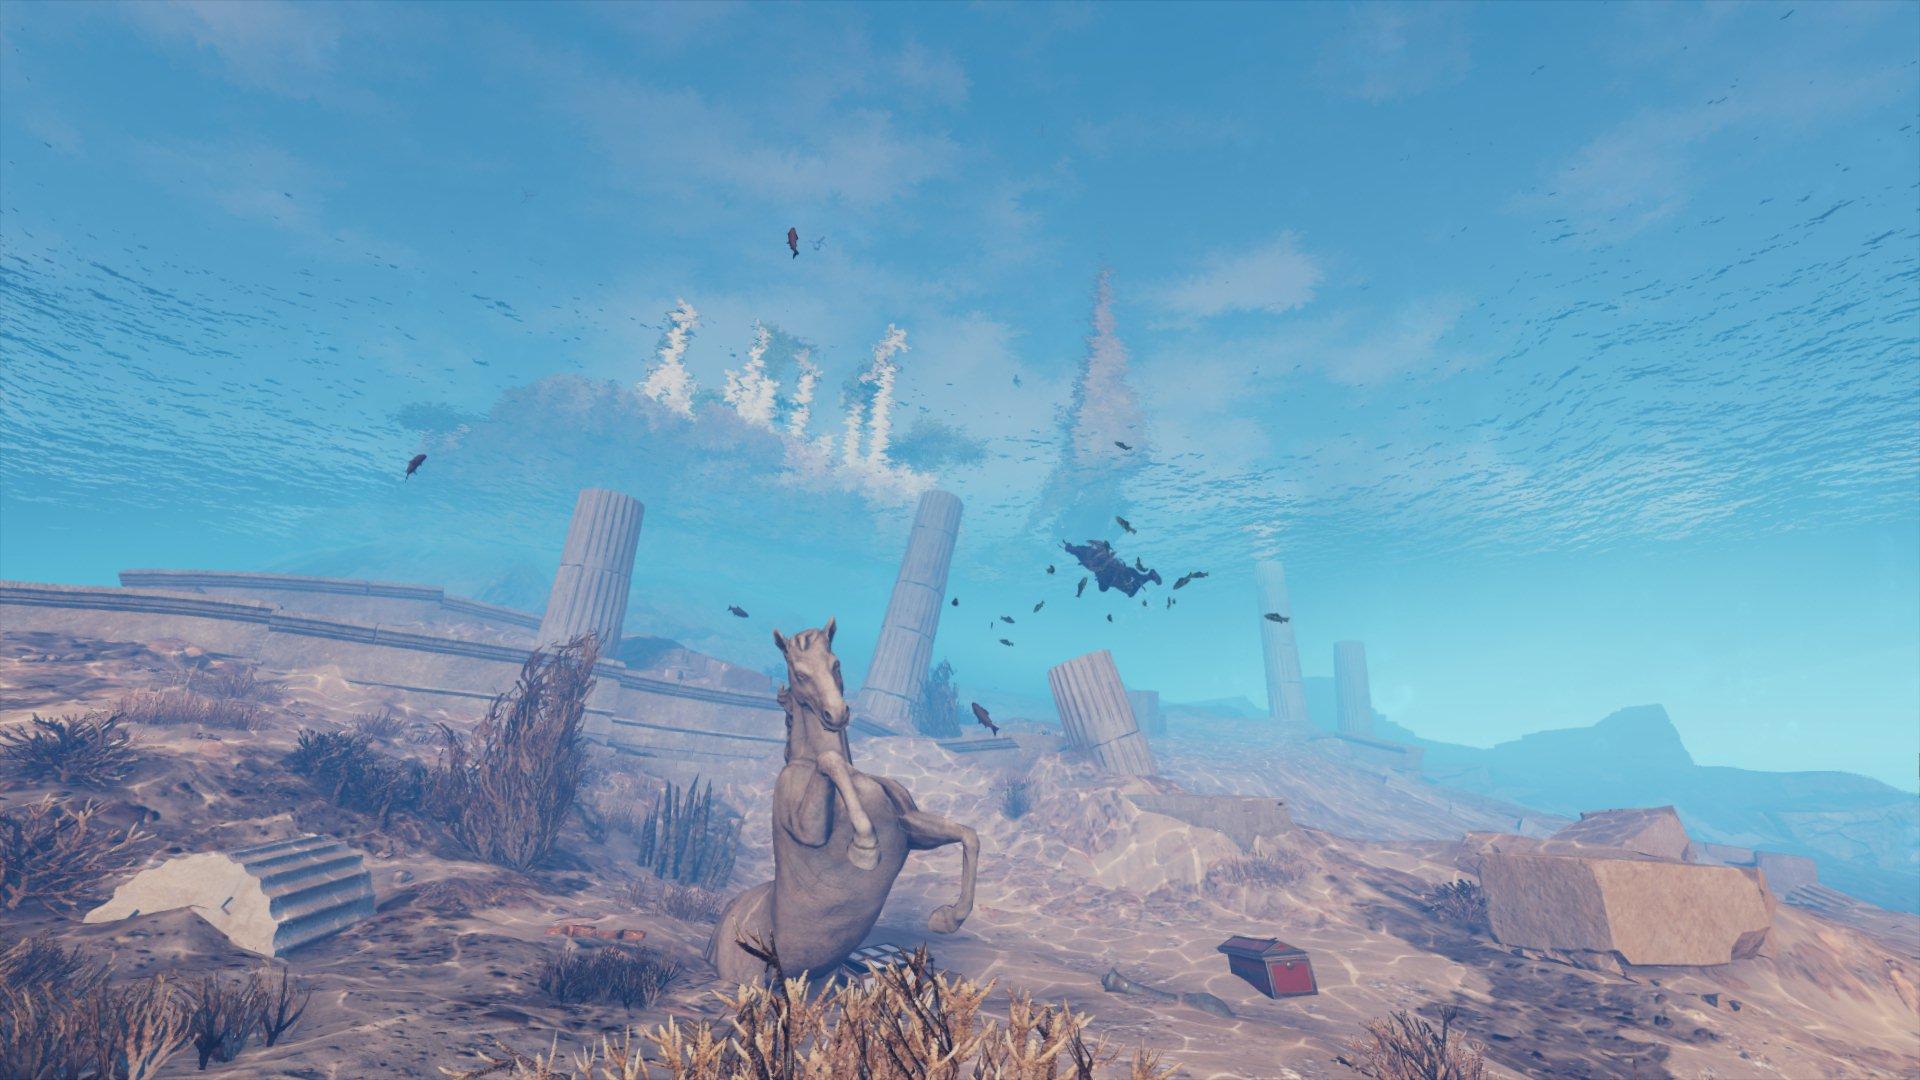 20180219193100.jpg - Assassin's Creed: Origins